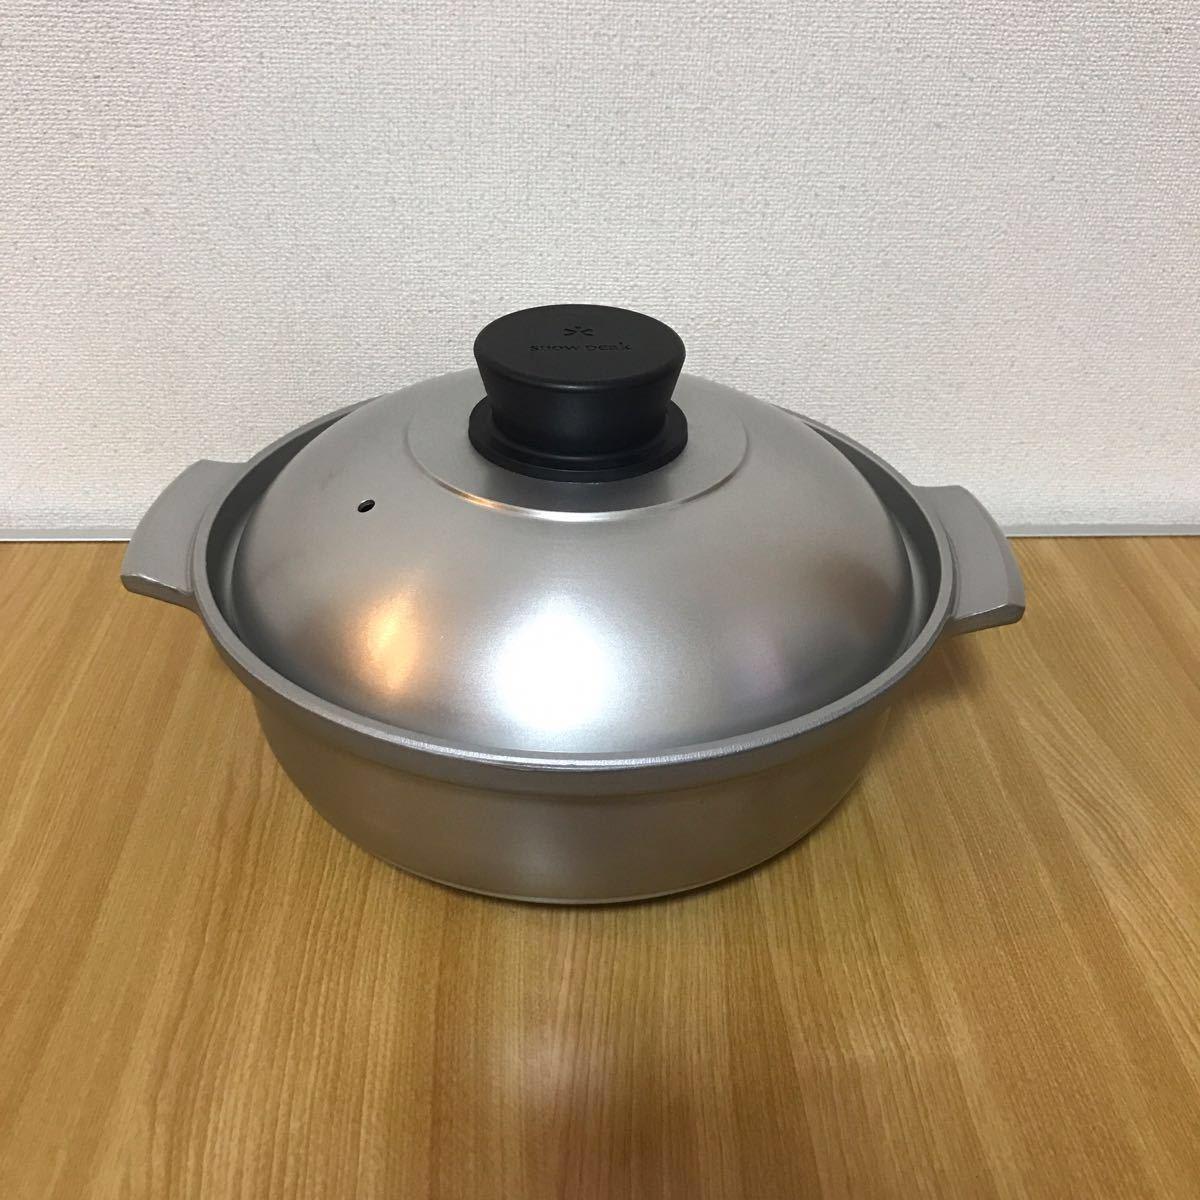 廃番品 スノーピーク 野宴鍋24 snowpeak クッカー 鍋